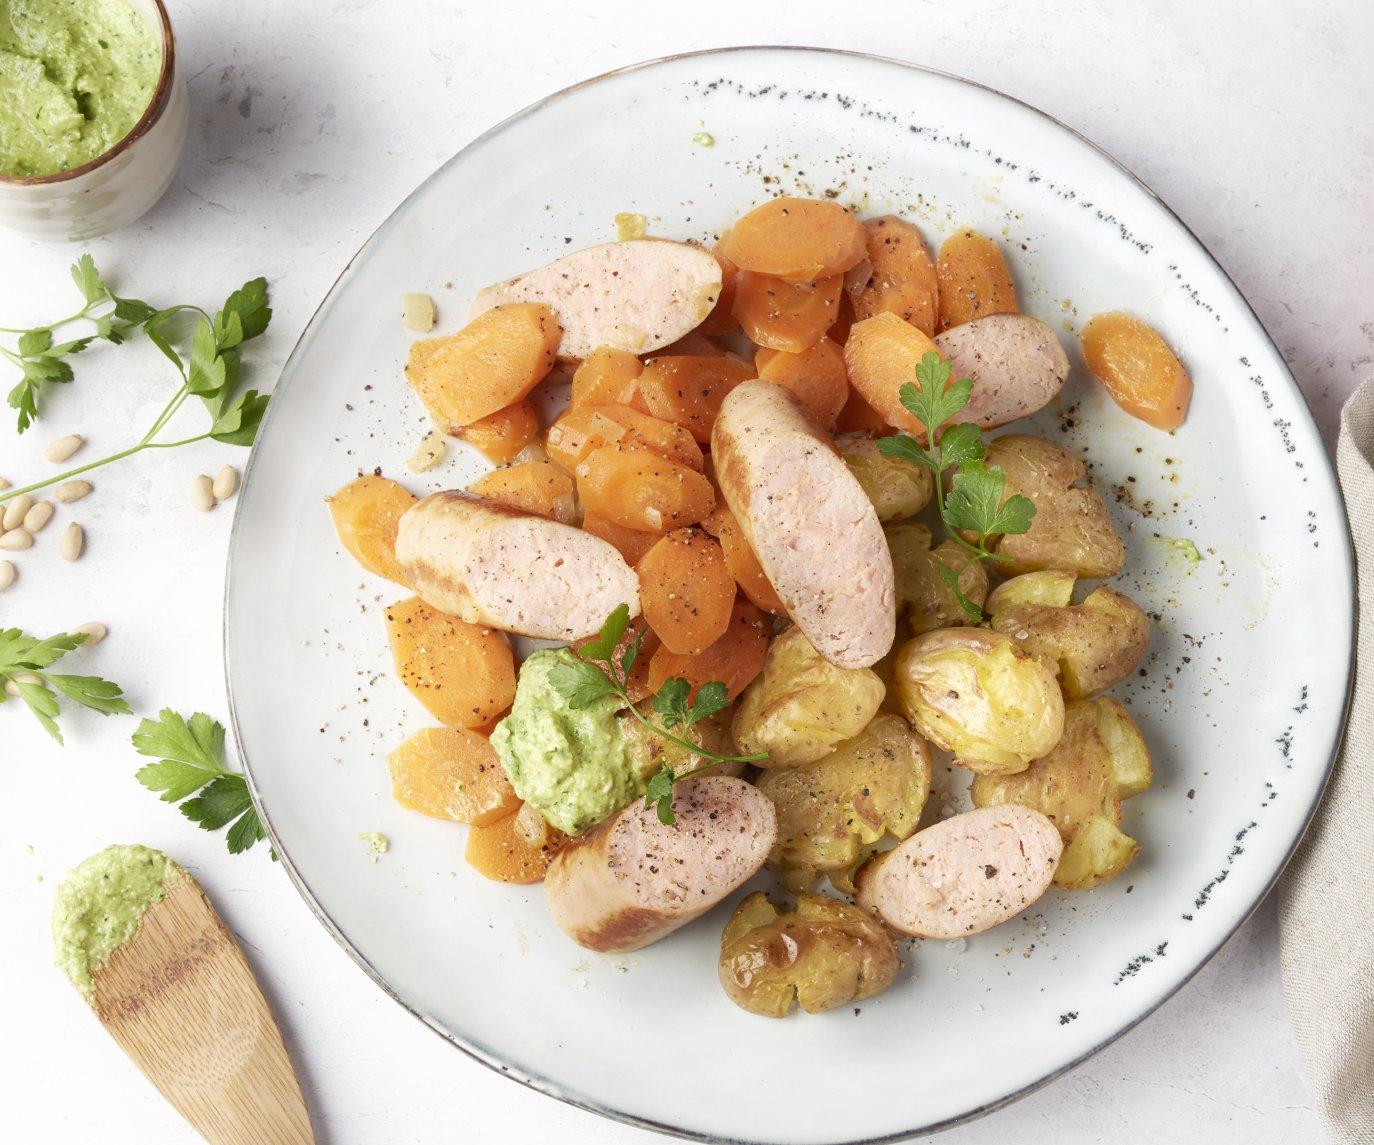 Kalkoenworst met wortelschijfjes, geplette aardappelen en peterselie-citroenpesto